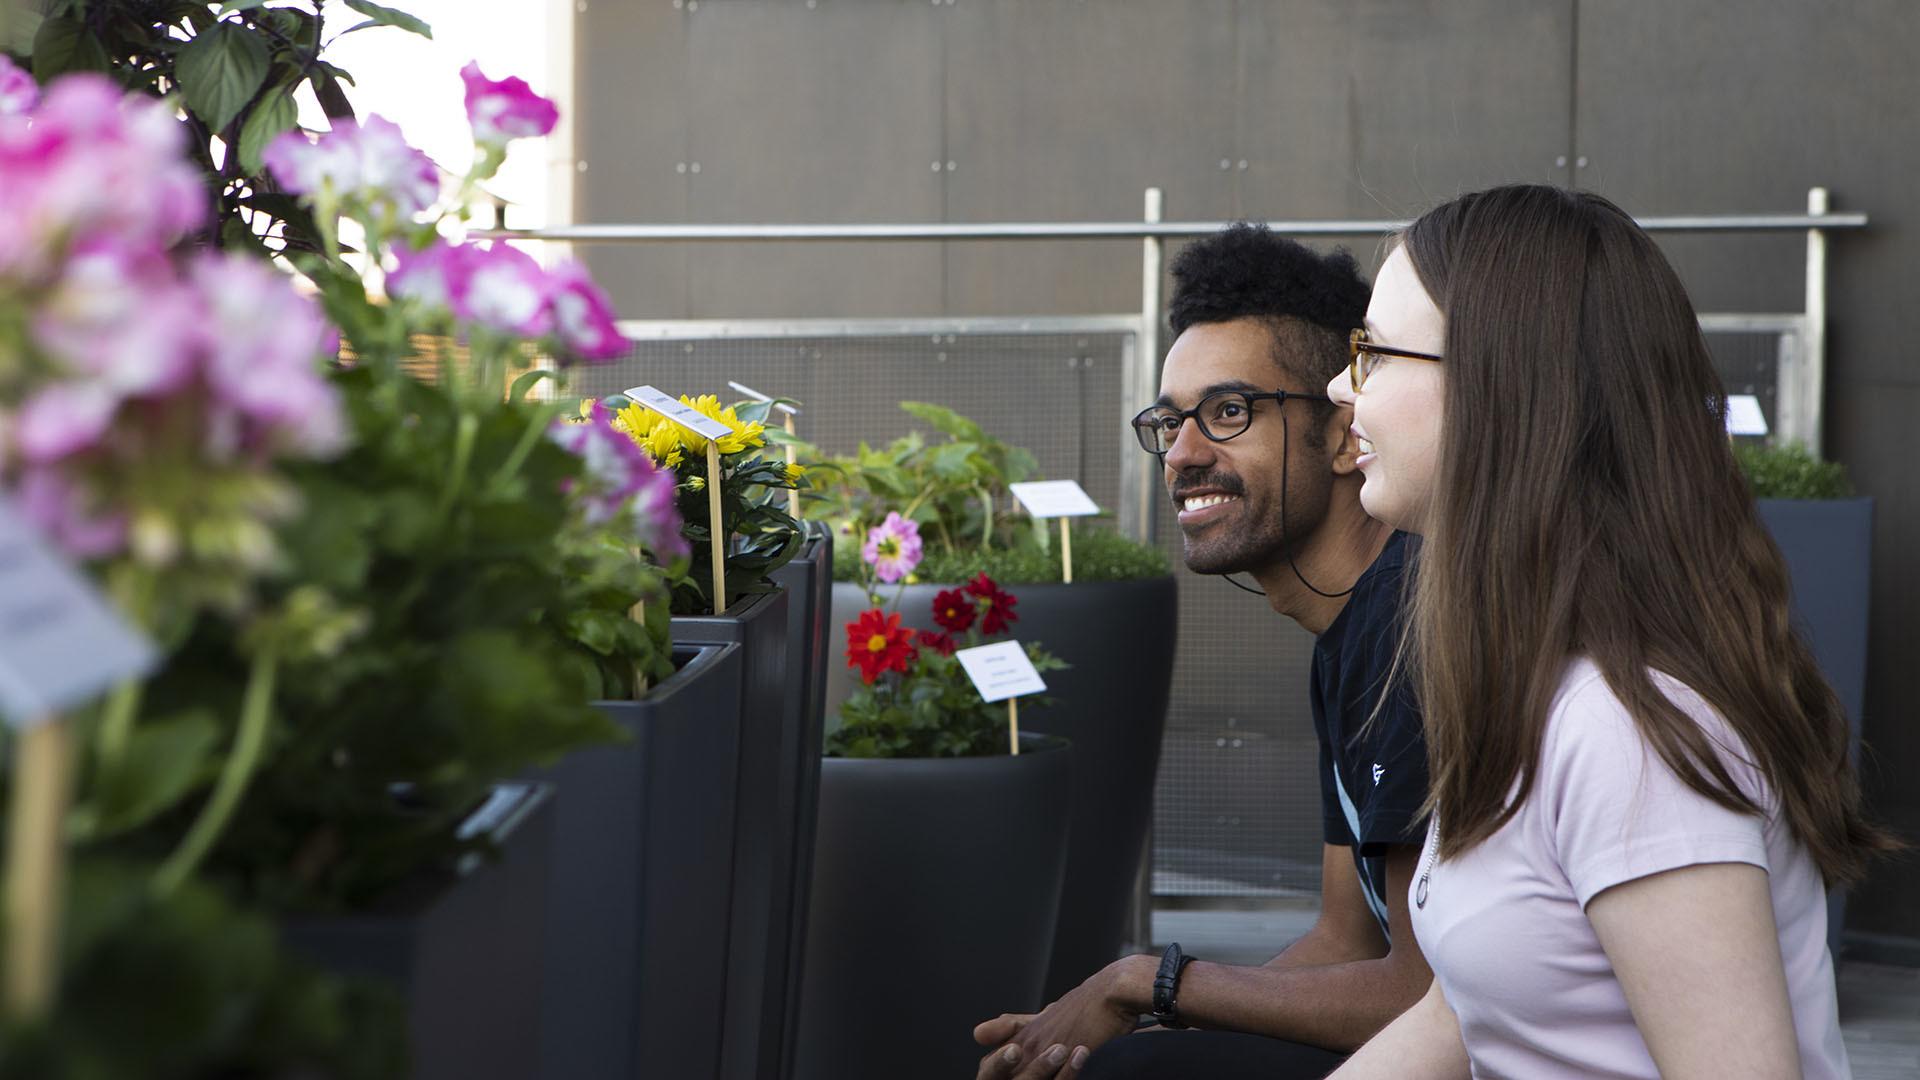 Nuori mies ja nainen katsovat kukkaistutuksia Kiasman parvekkeella.